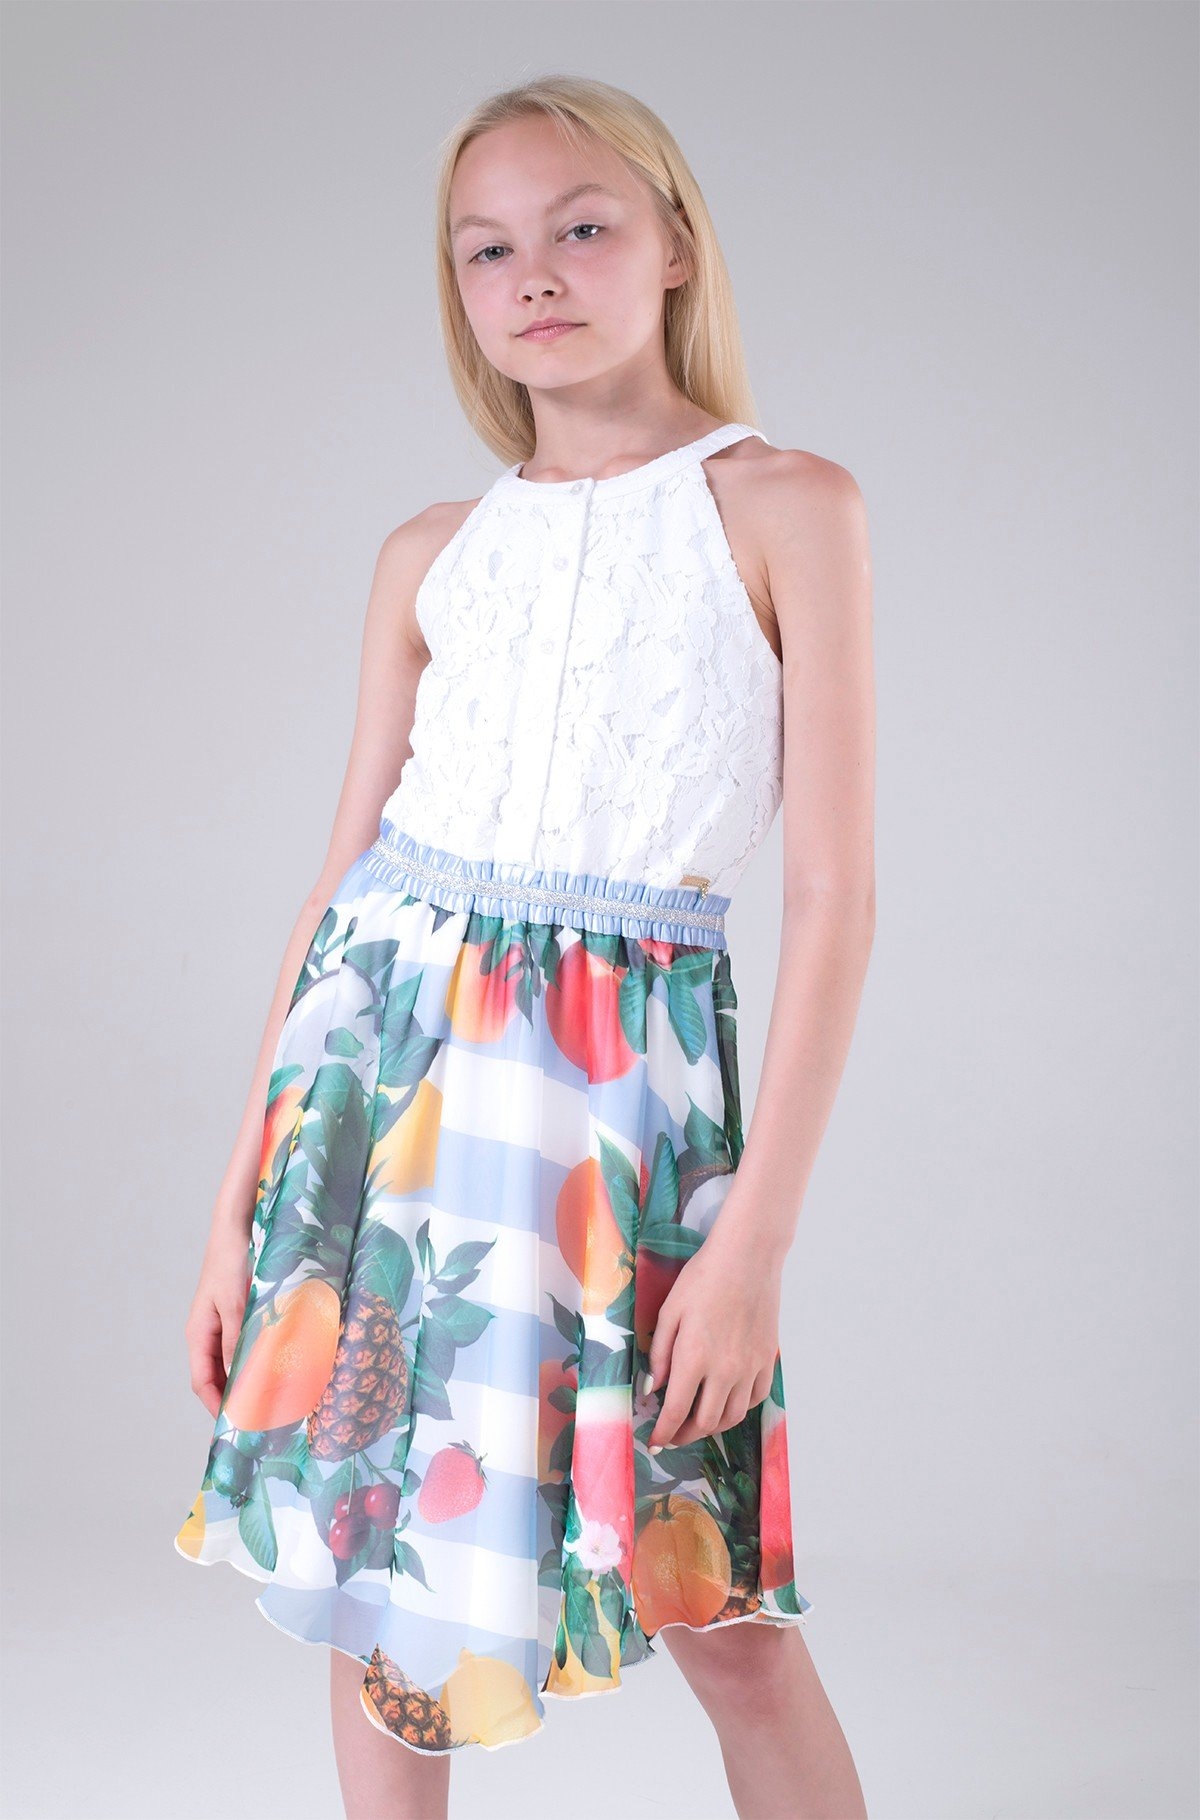 Bērnu kleita J1GK36 WDVV0-full-1